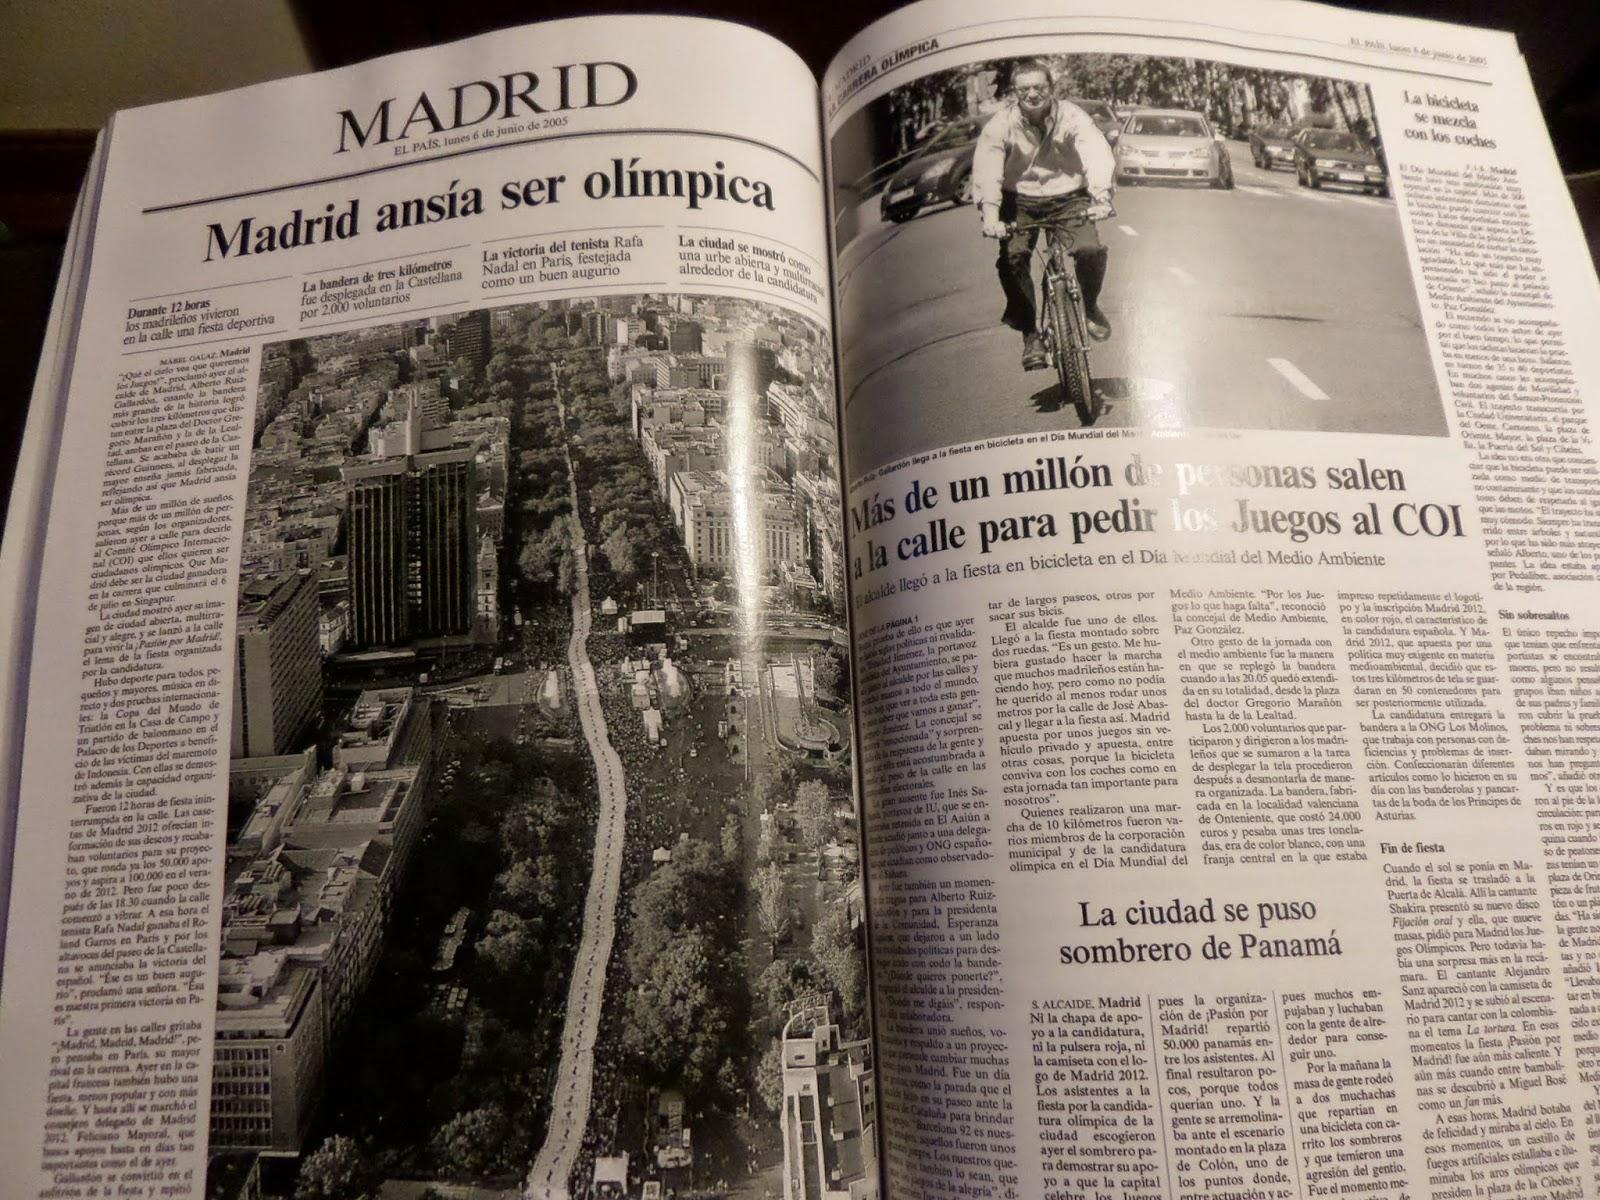 Mabel Gálaz en En qué estaría yo pensando, errores de periodistas de El País, Madrid quiere ser olímpica